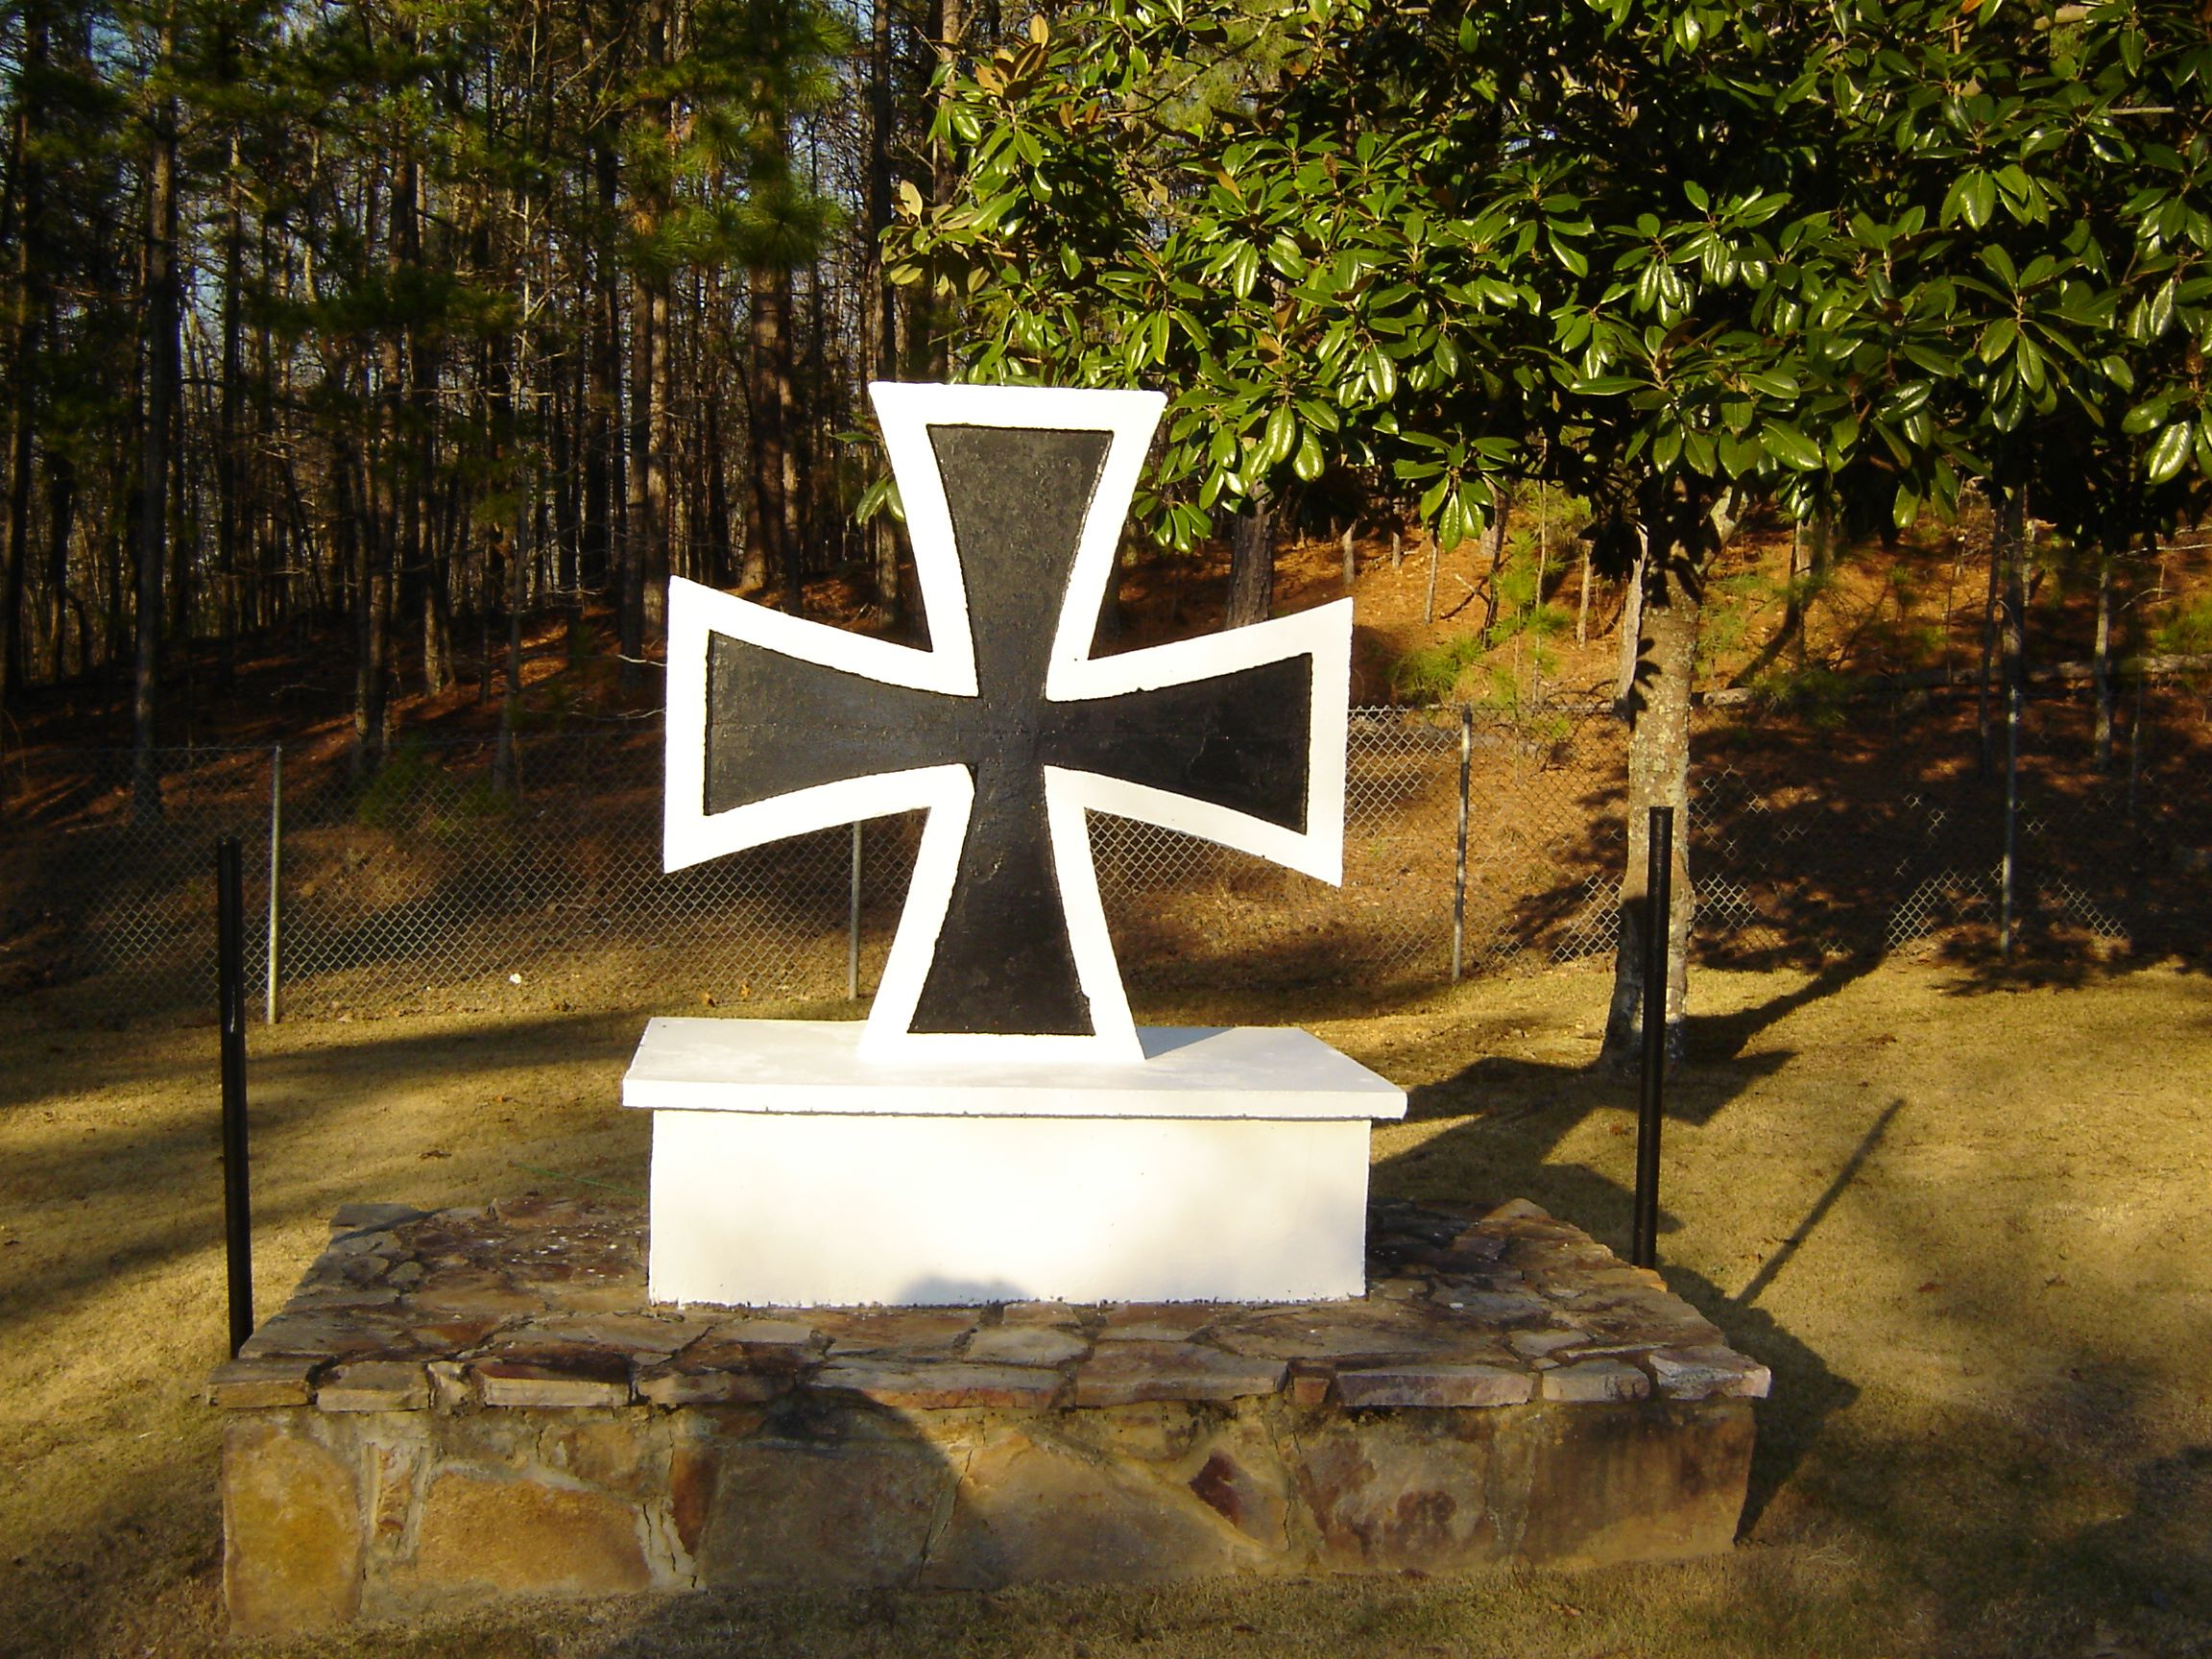 https://alabama-travel.s3.amazonaws.com/partners-uploads/photo/image/57781bceecd7dbc45e000059/pow_cemetery_4.jpg